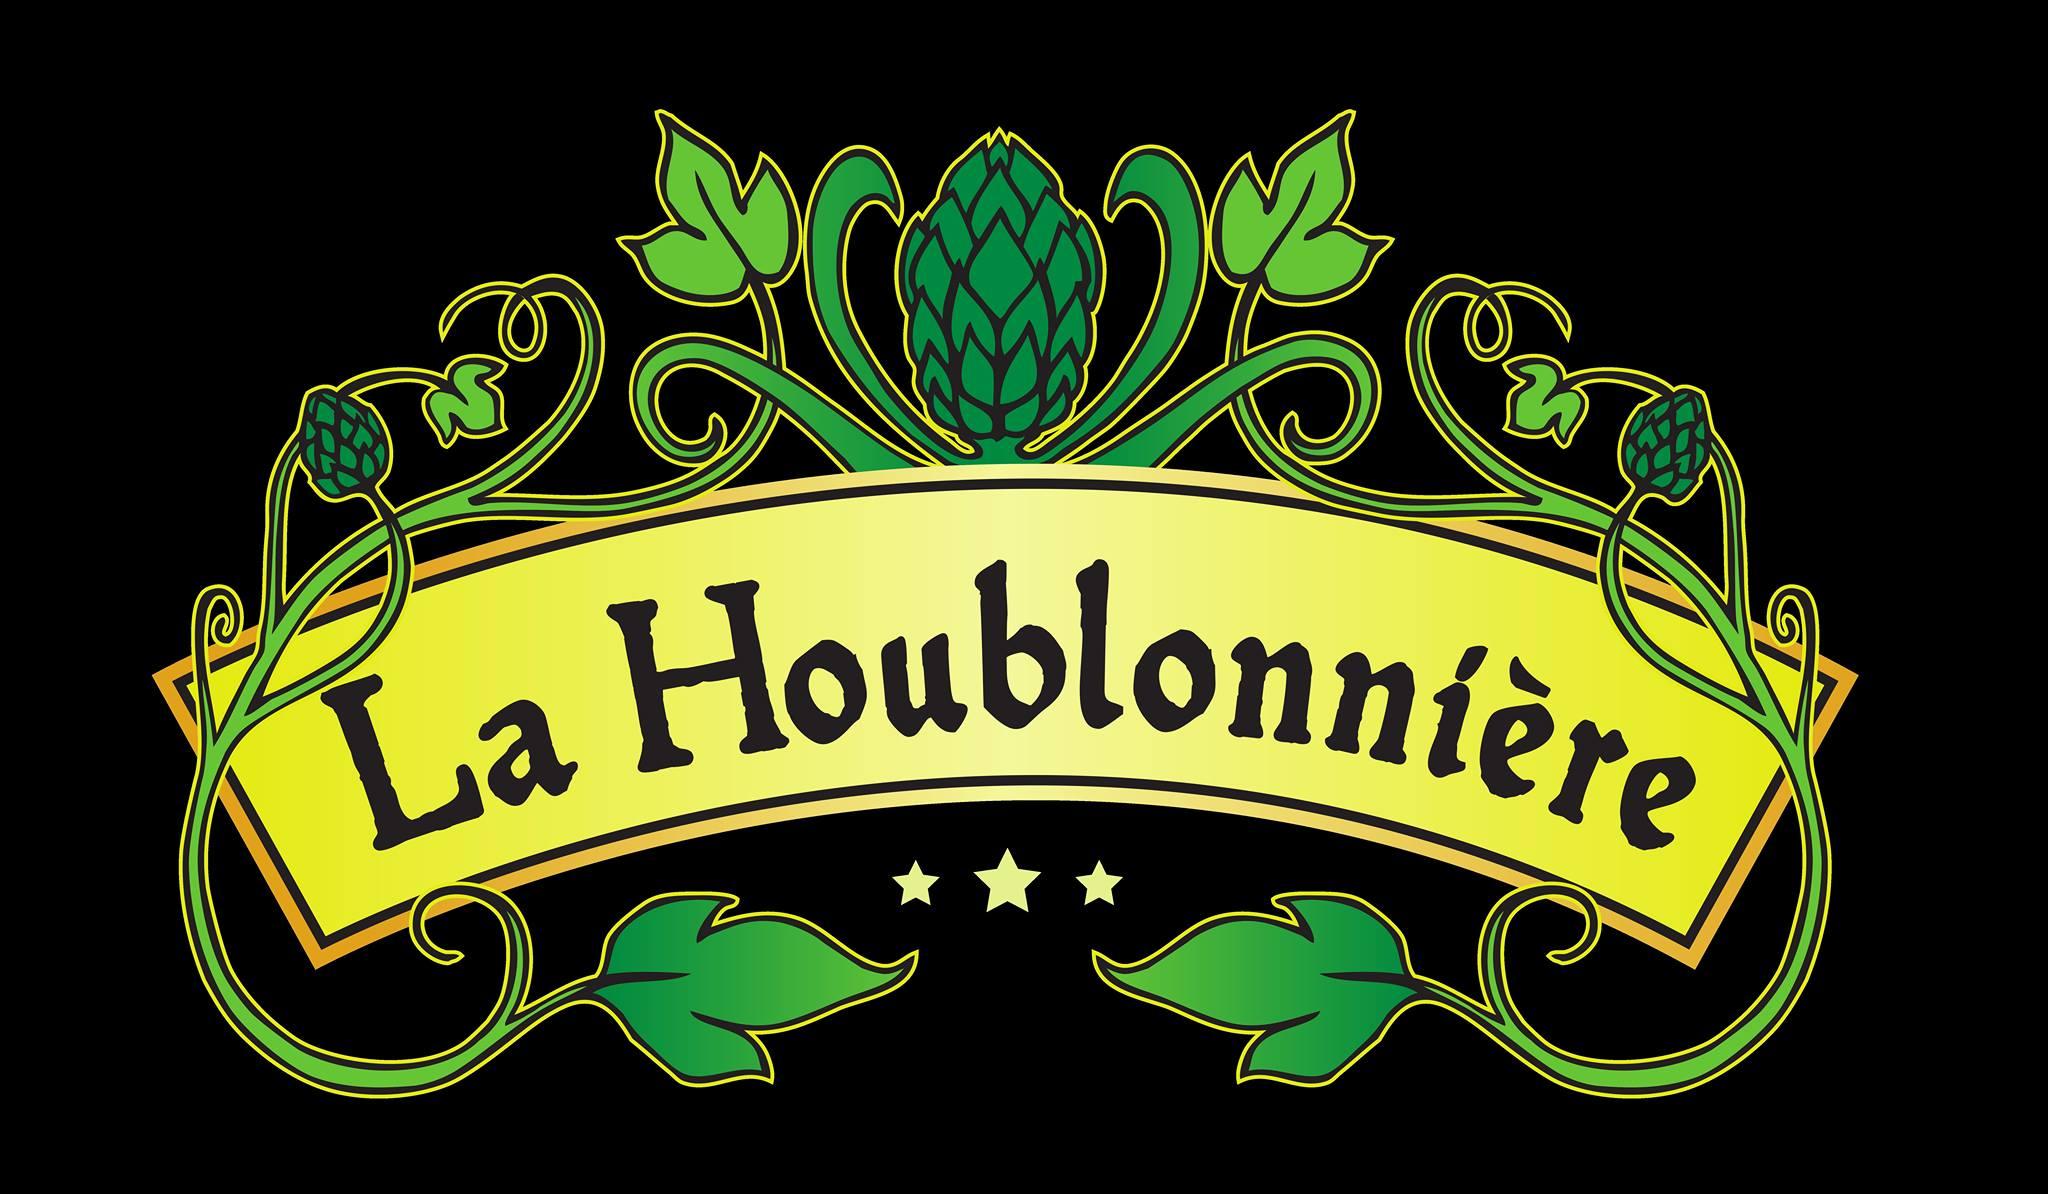 La Houblonniere